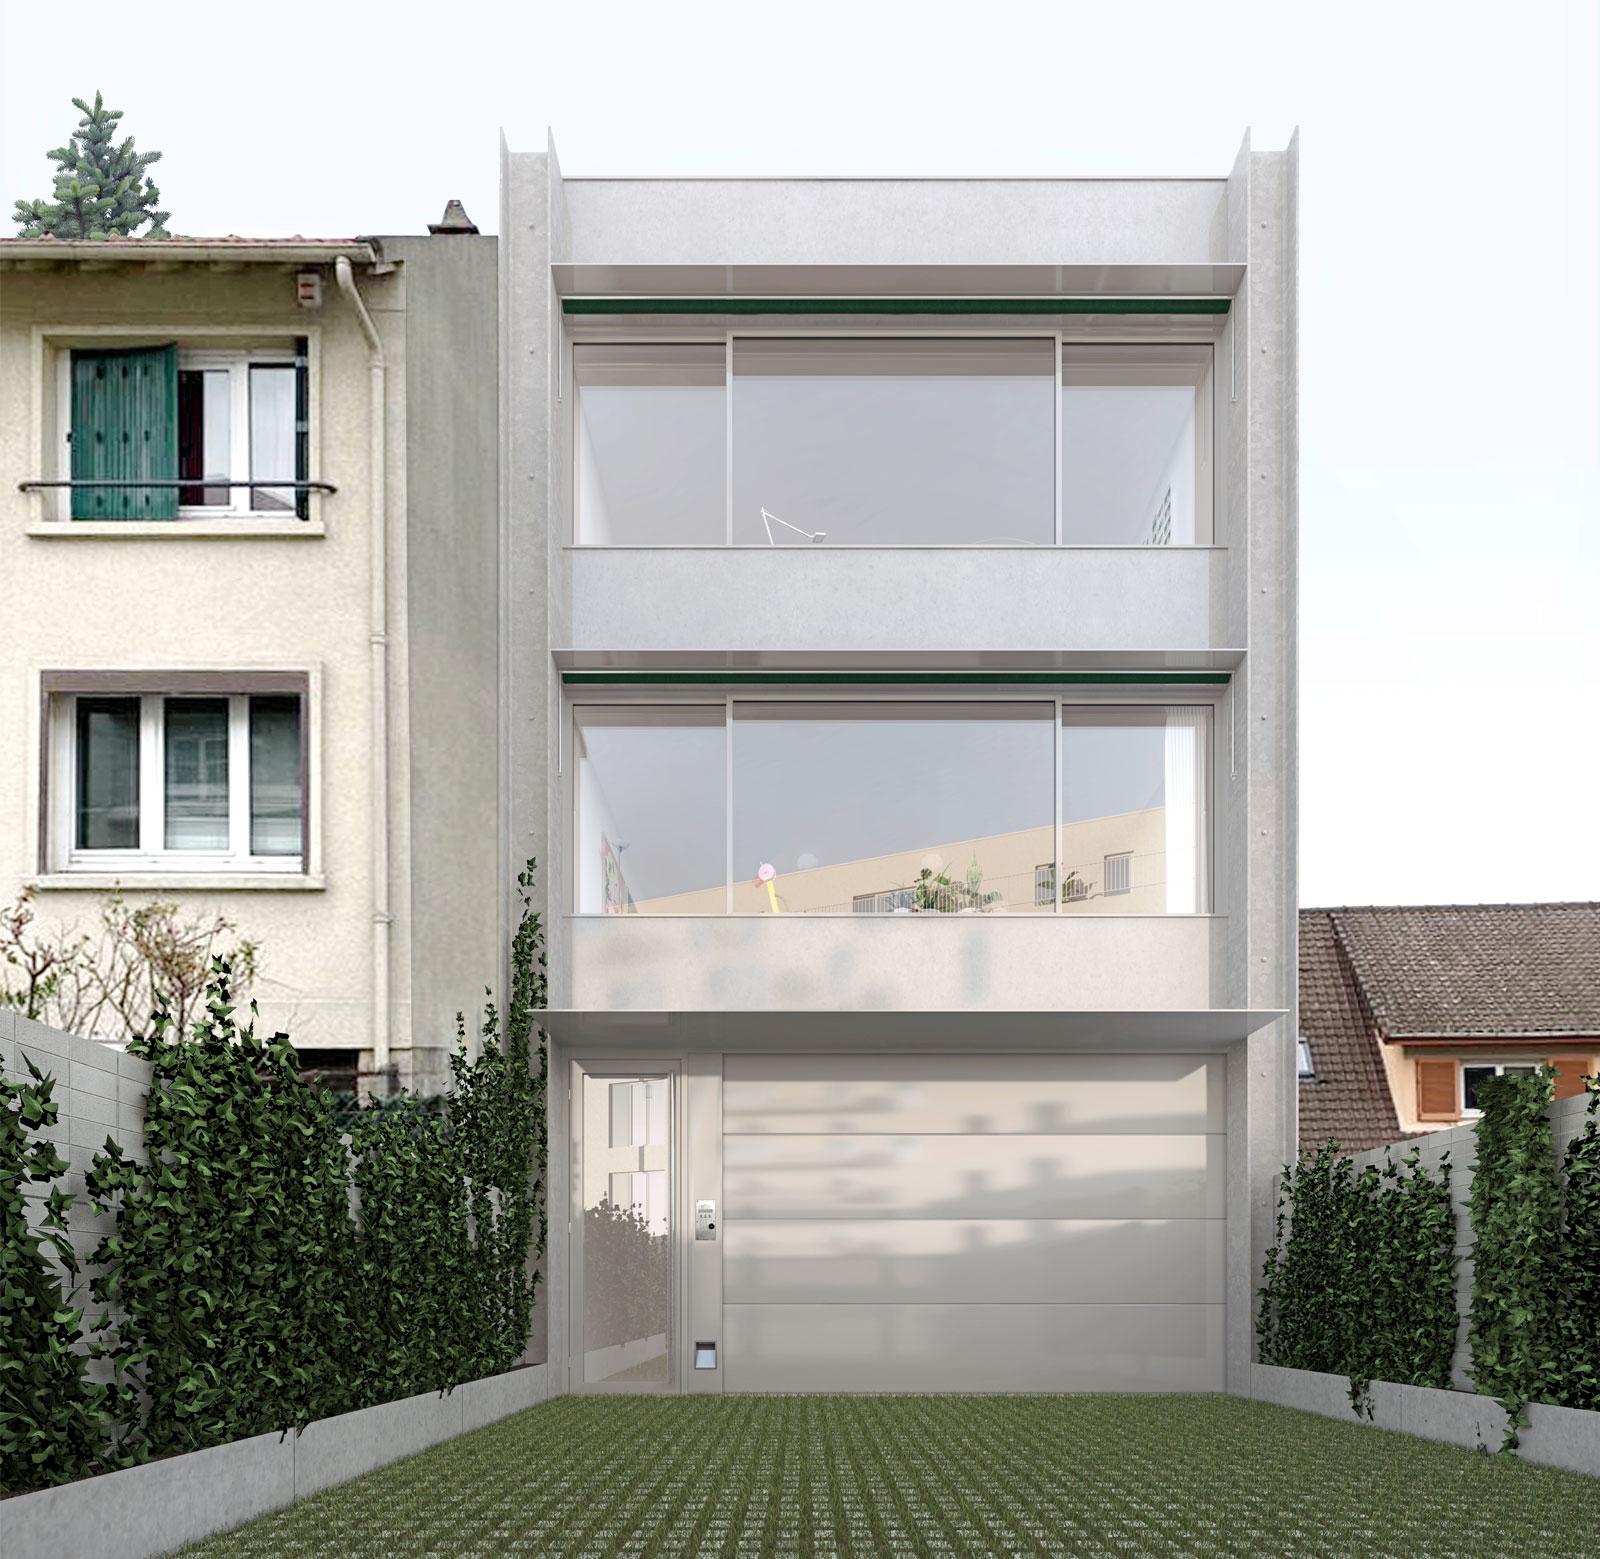 atelier + logement M - heros architecture logements architecte parisien paris immeuble d'habitations champigny-sur-marne